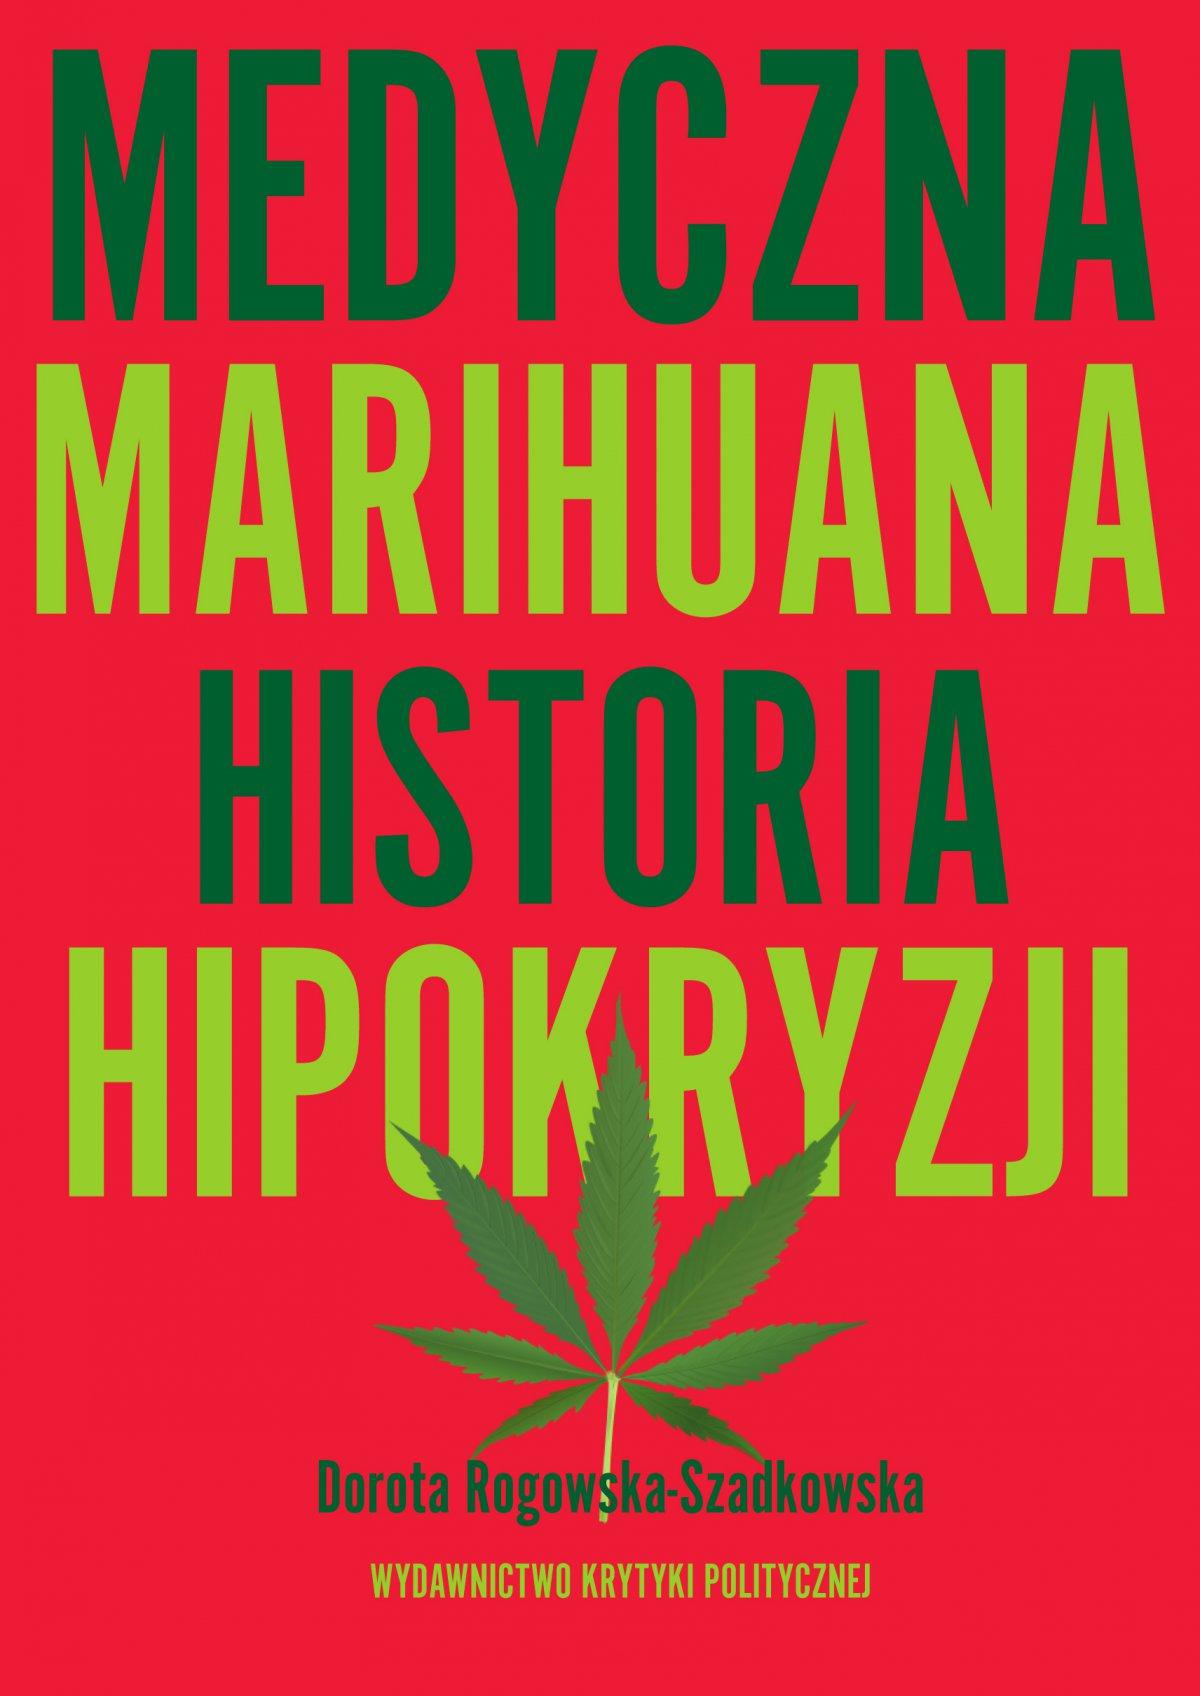 Medyczna Marihuana. Historia hipokryzji - Ebook (Książka EPUB) do pobrania w formacie EPUB